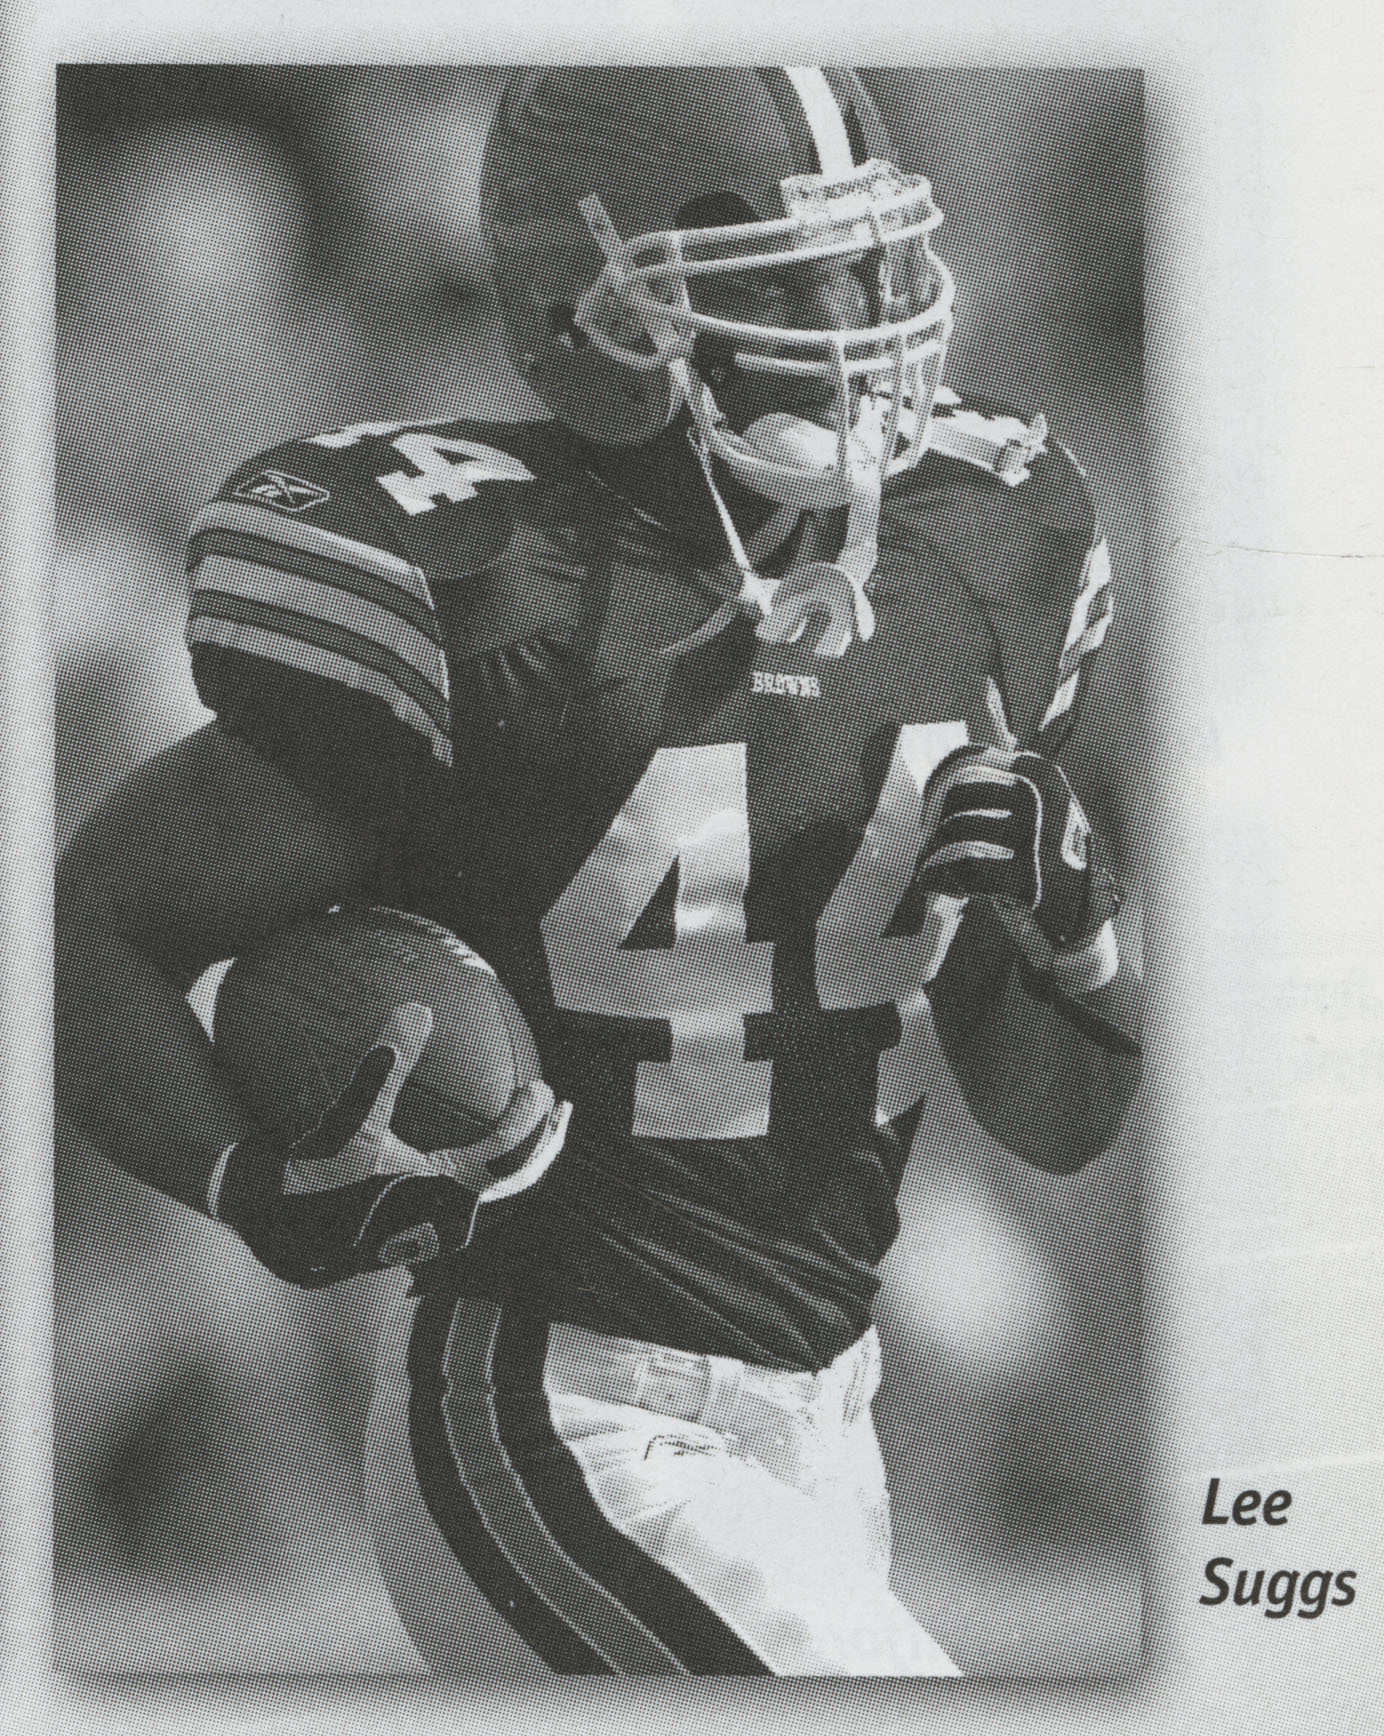 Lee_Suggs_NFL_2004.jpg